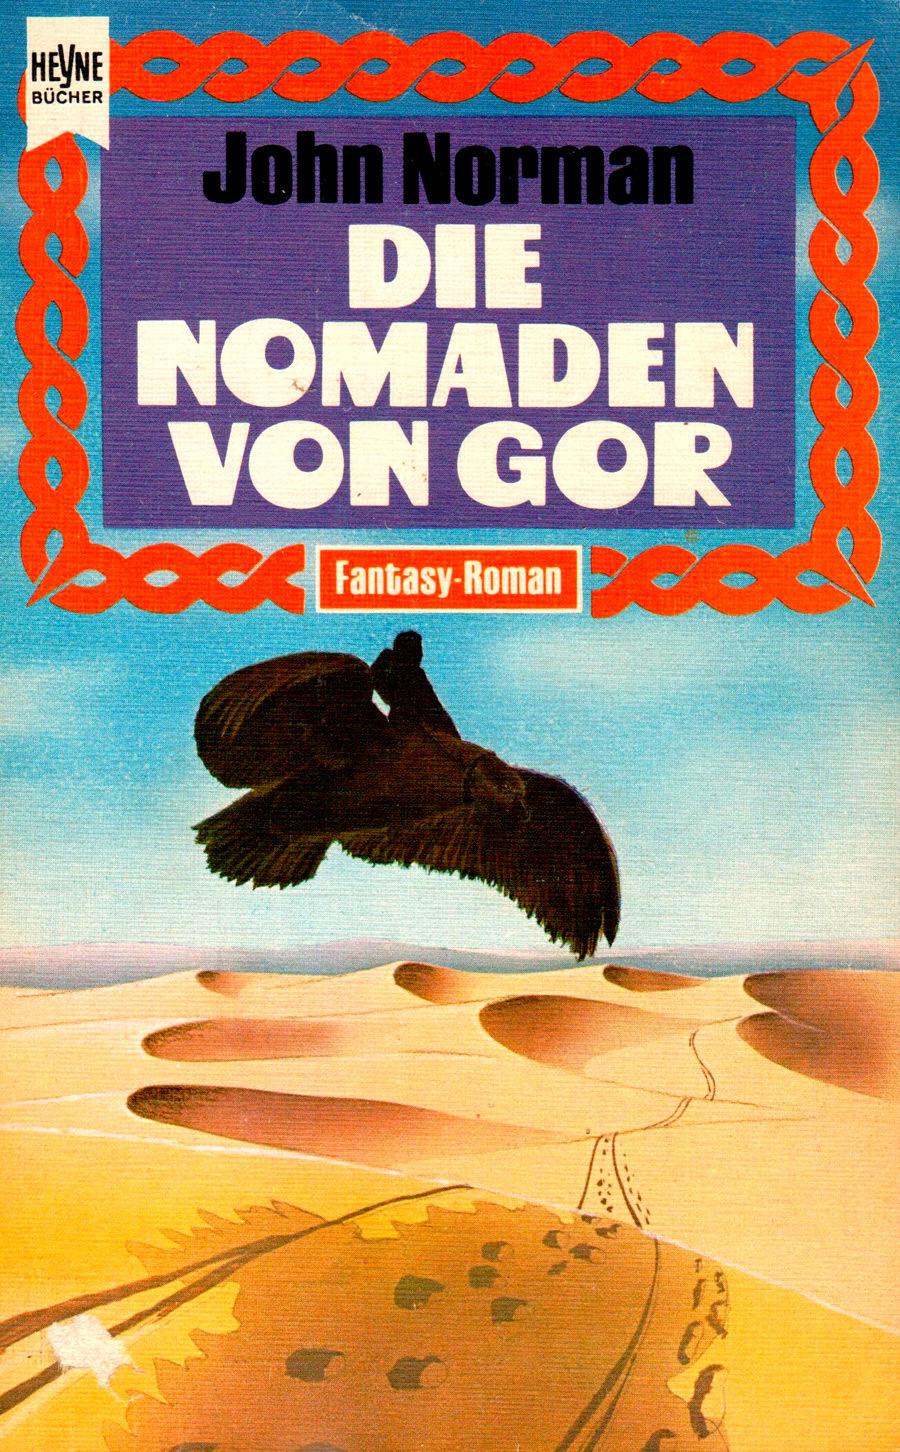 Die Nomaden von Gor John Norman